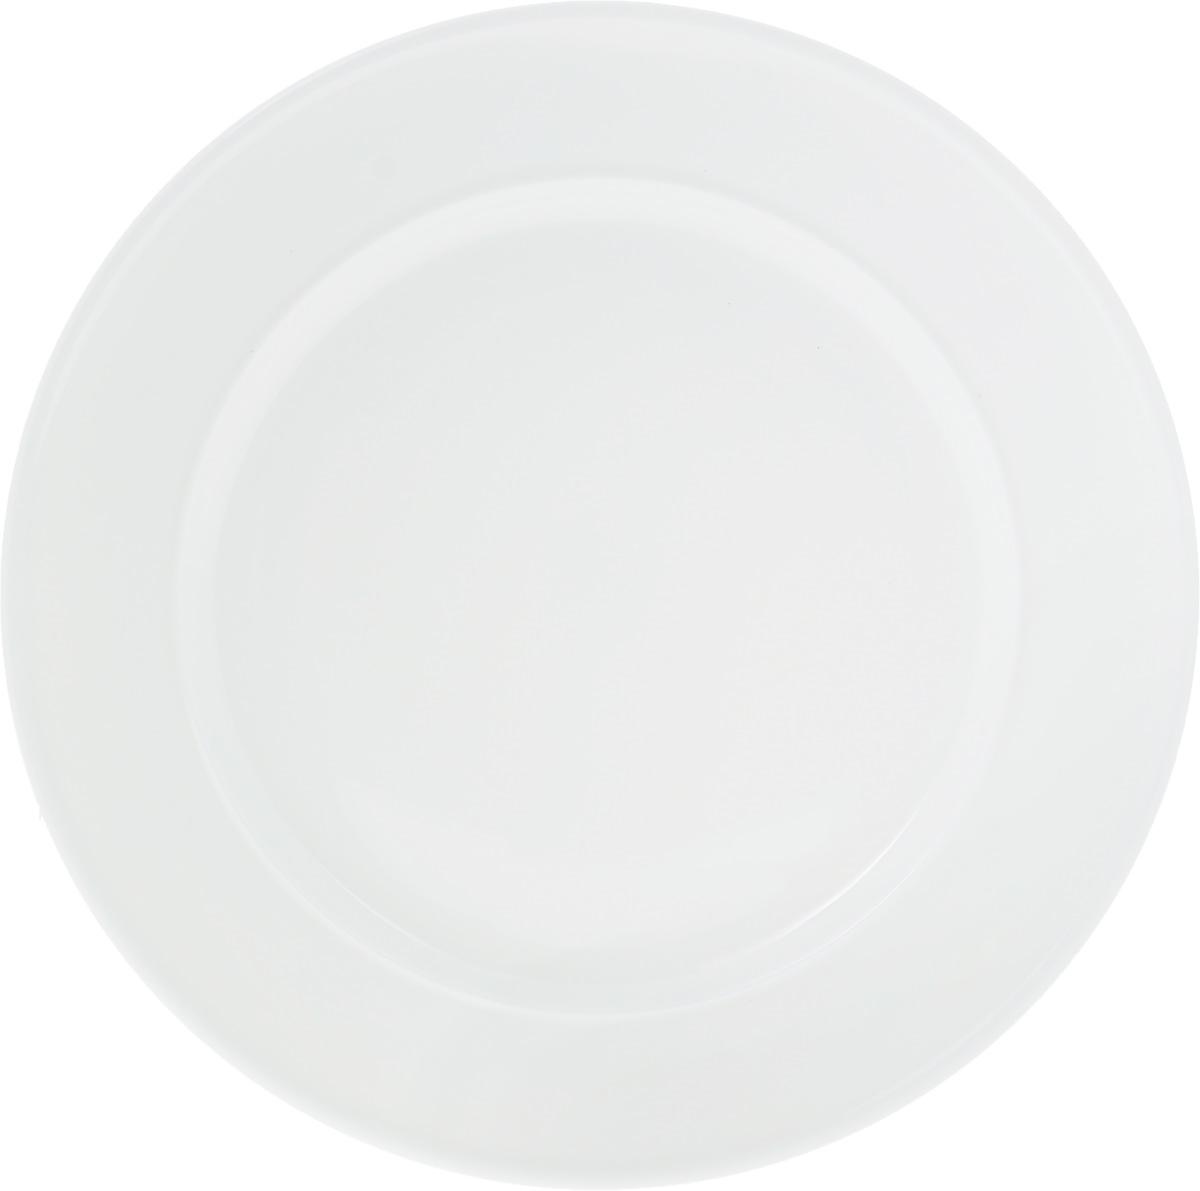 Тарелка Wilmax, диаметр 28 смWL-991243 / AТарелка Wilmax, изготовленная из высококачественного фарфора, имеет классическую круглую форму. Оригинальный дизайн придется по вкусу и ценителям классики, и тем, кто предпочитает утонченность и изысканность. Тарелка Wilmax идеально подойдет для сервировки стола и станет отличным подарком к любому празднику.